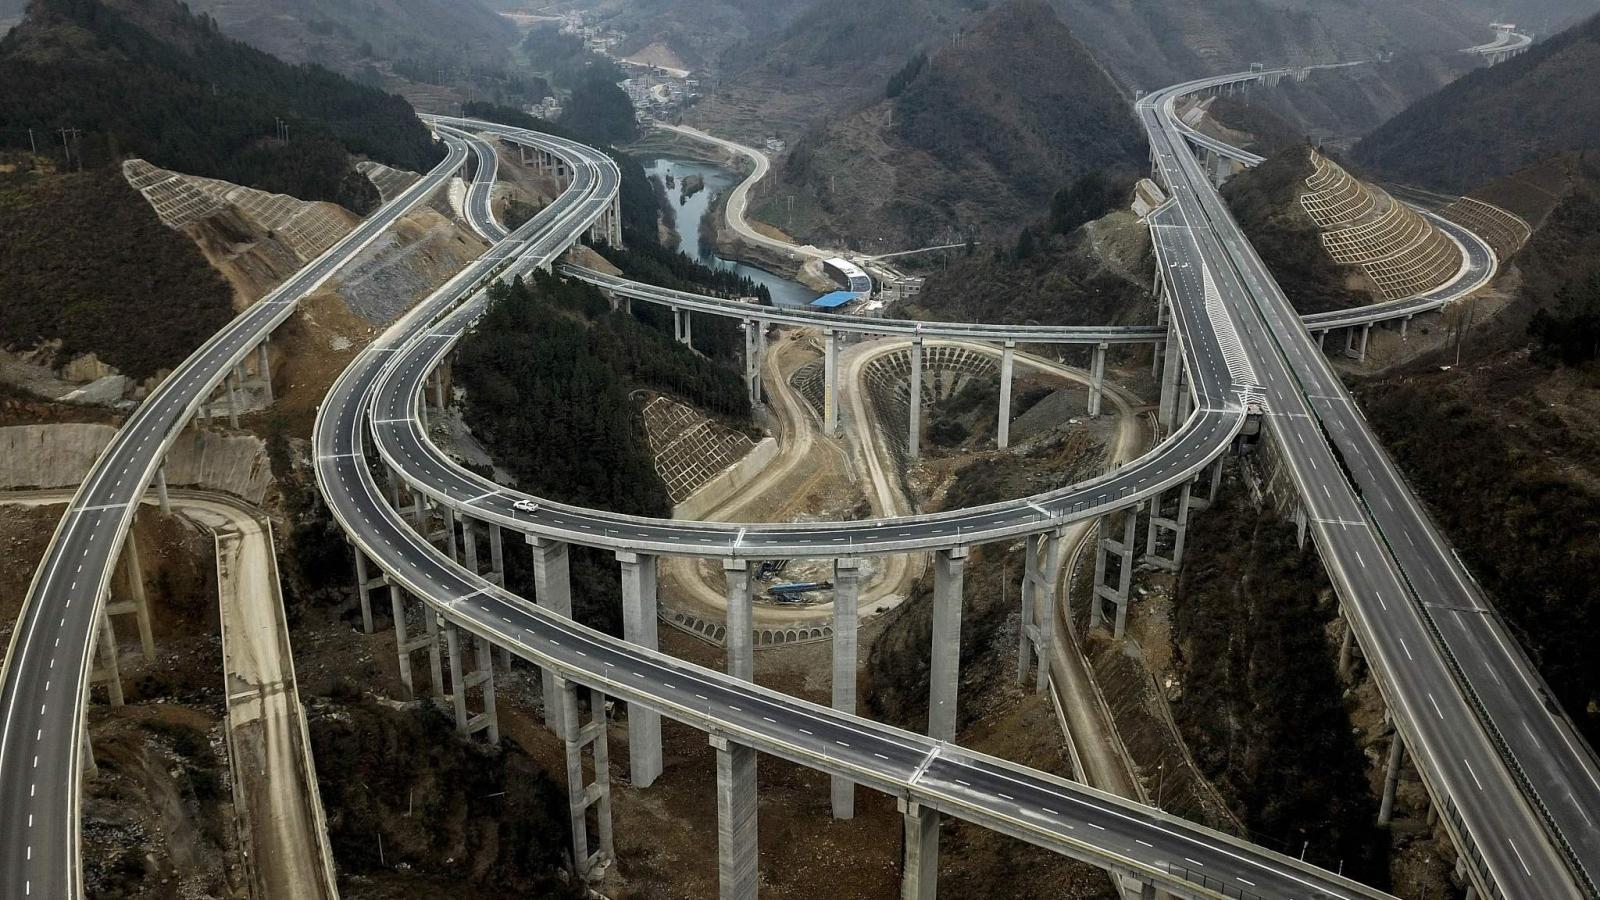 Kinh nghiệm thành công trong việc xây dựng đường cao tốc của một số quốc gia điển hình